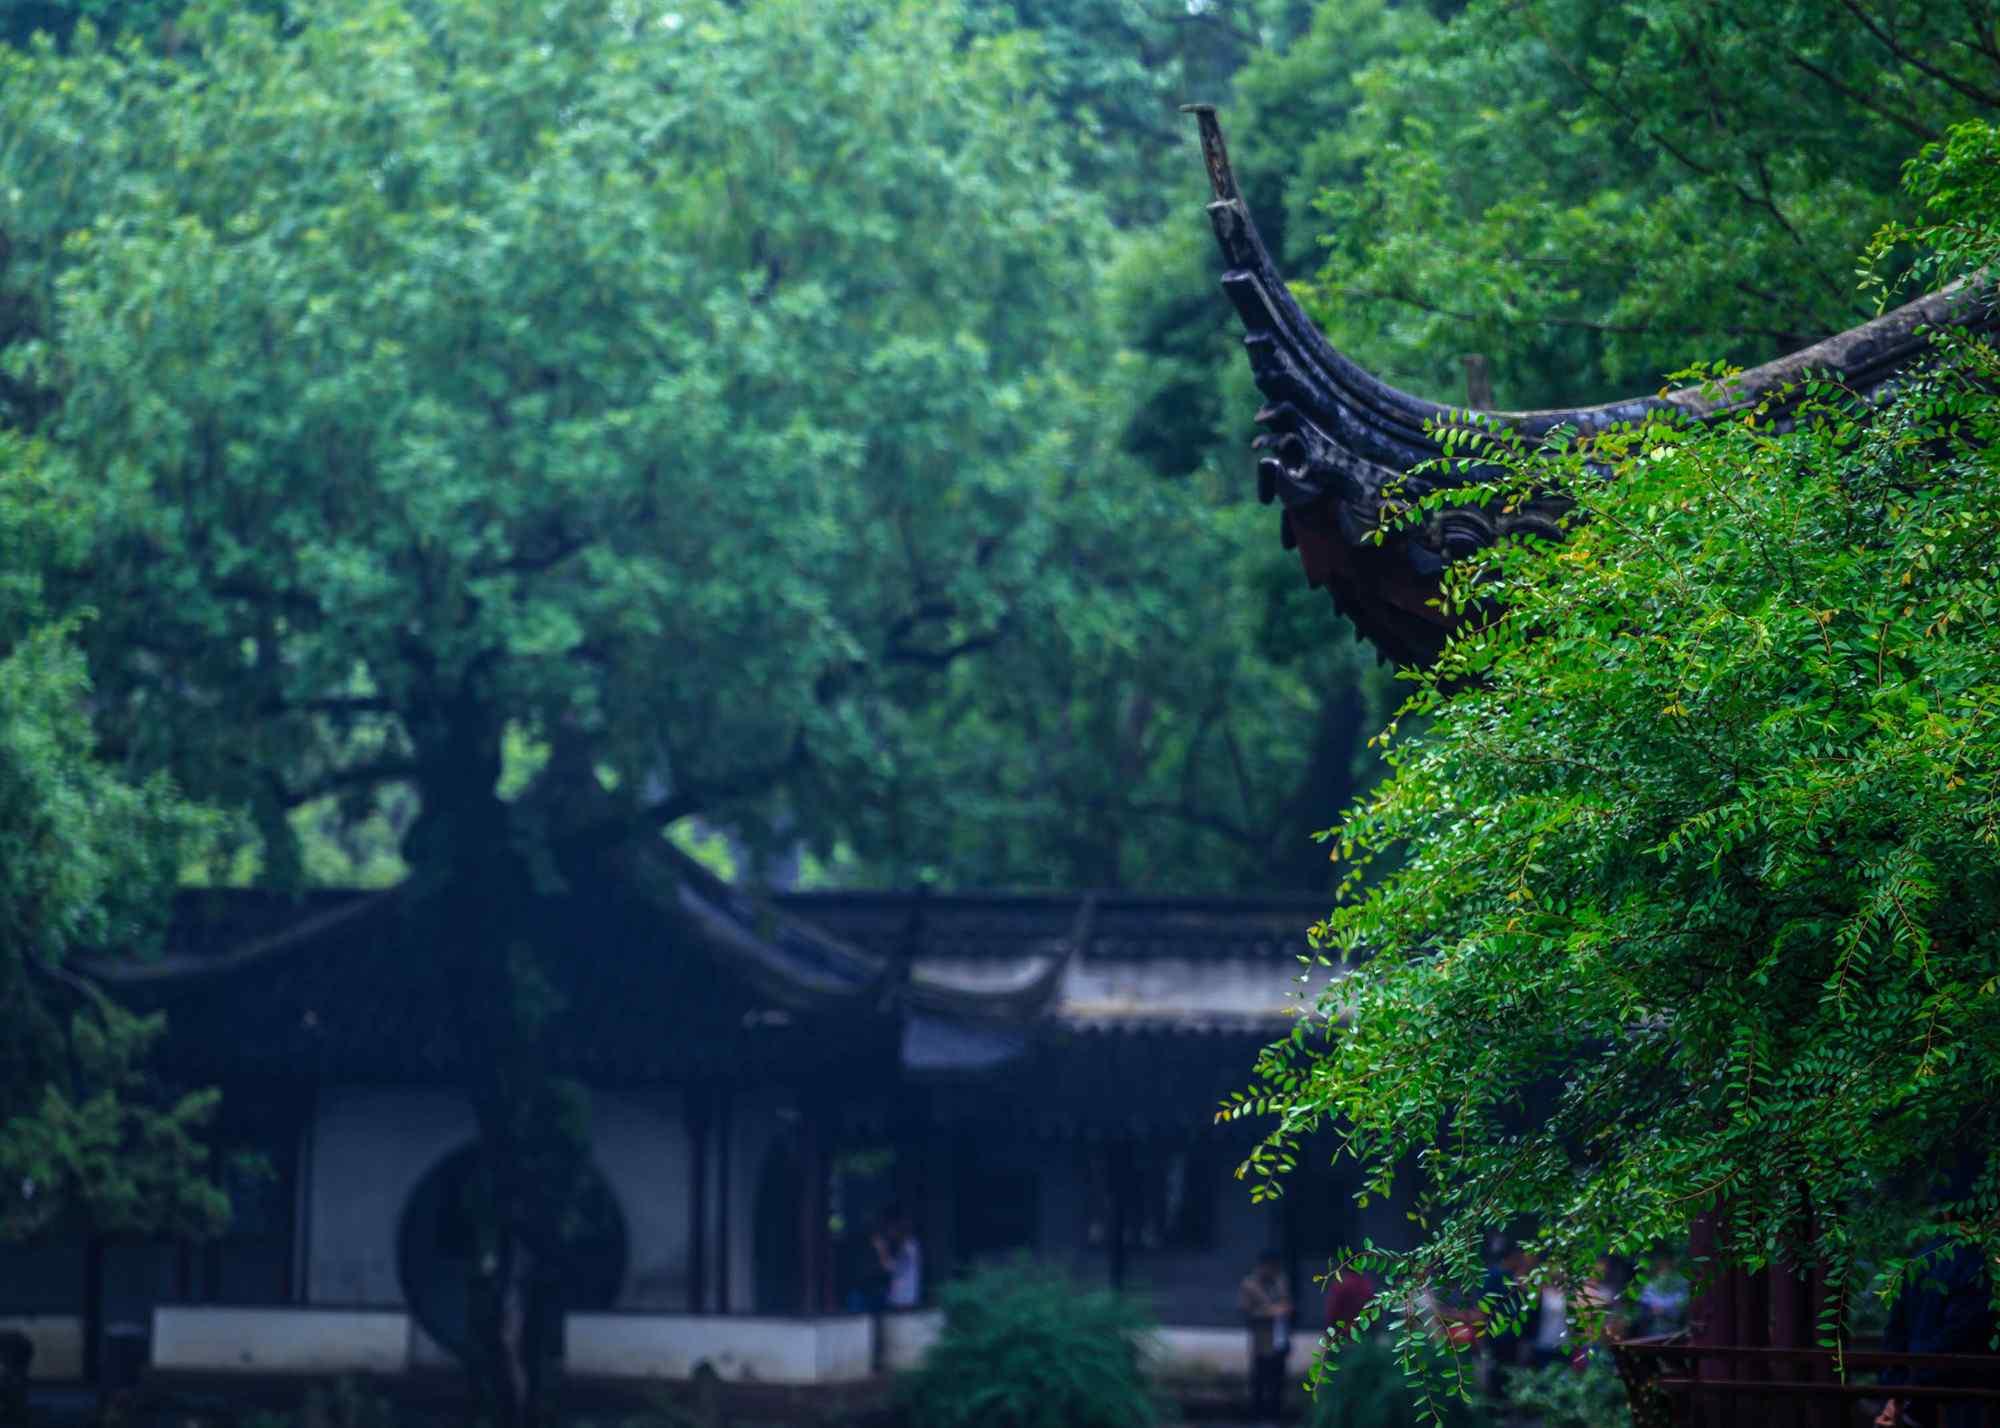 园林之城苏州拙政园风景壁纸